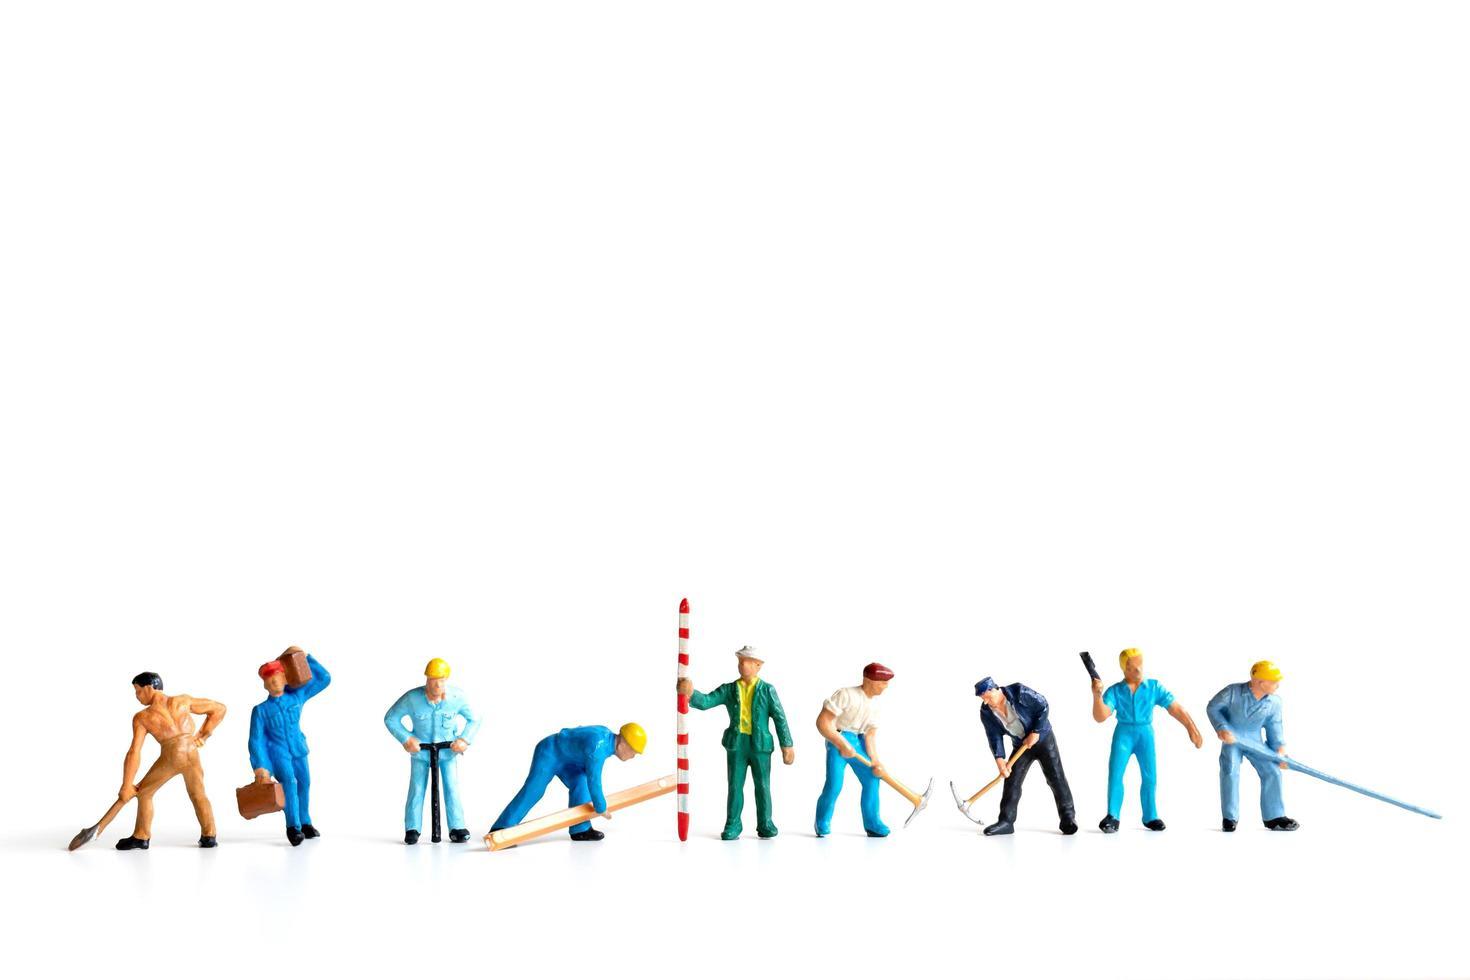 travailleurs miniatures debout sur un fond blanc, concept de travail photo